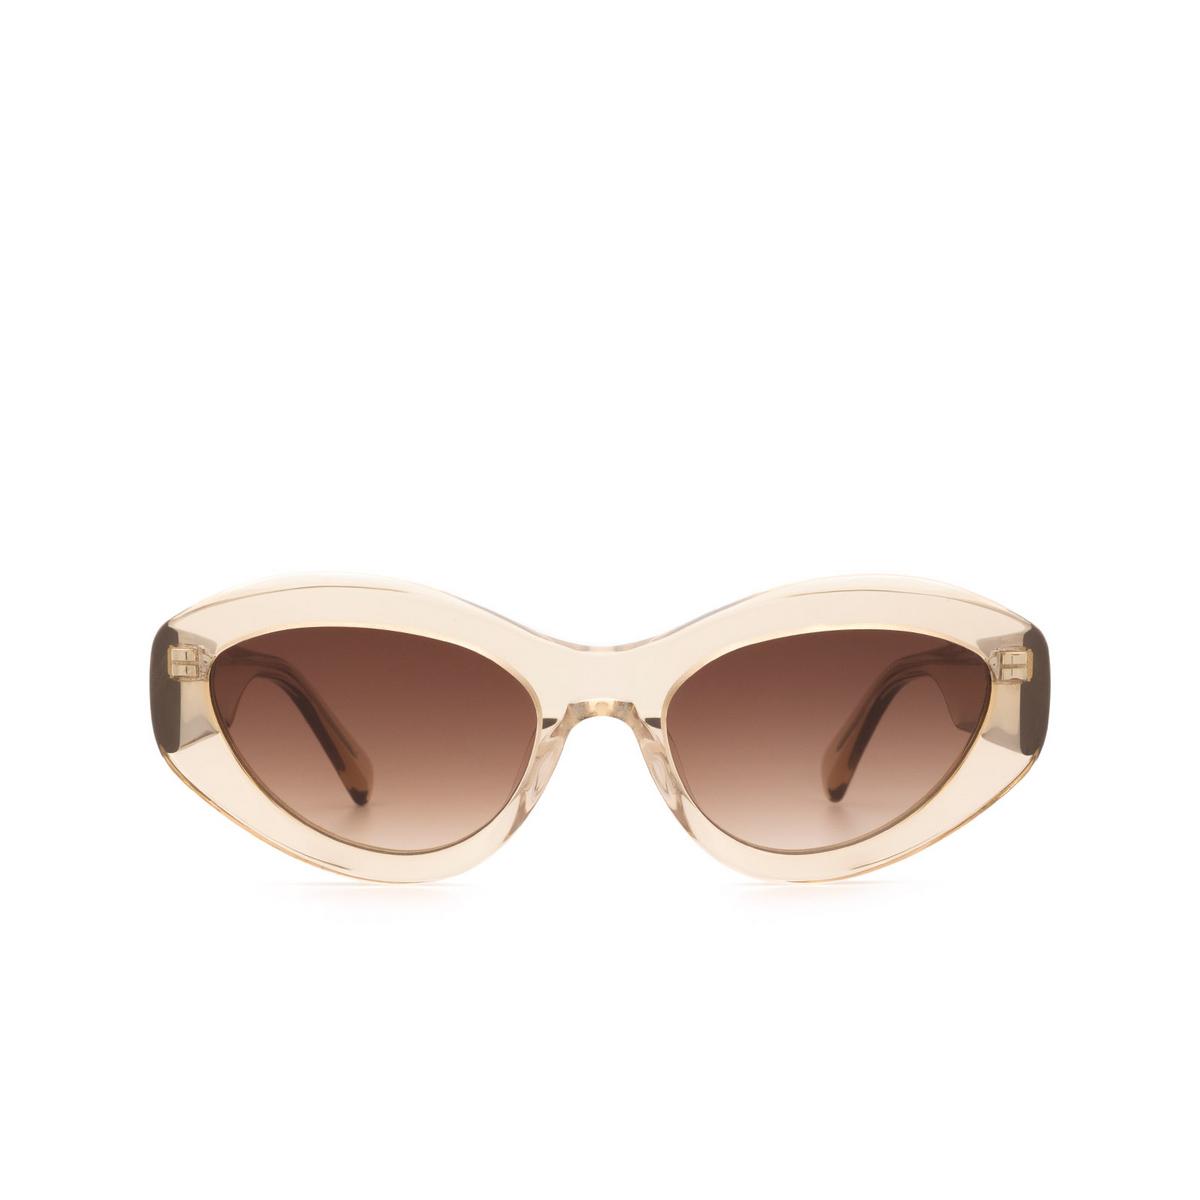 Chimi® Cat-eye Sunglasses: 09 color Ecru.